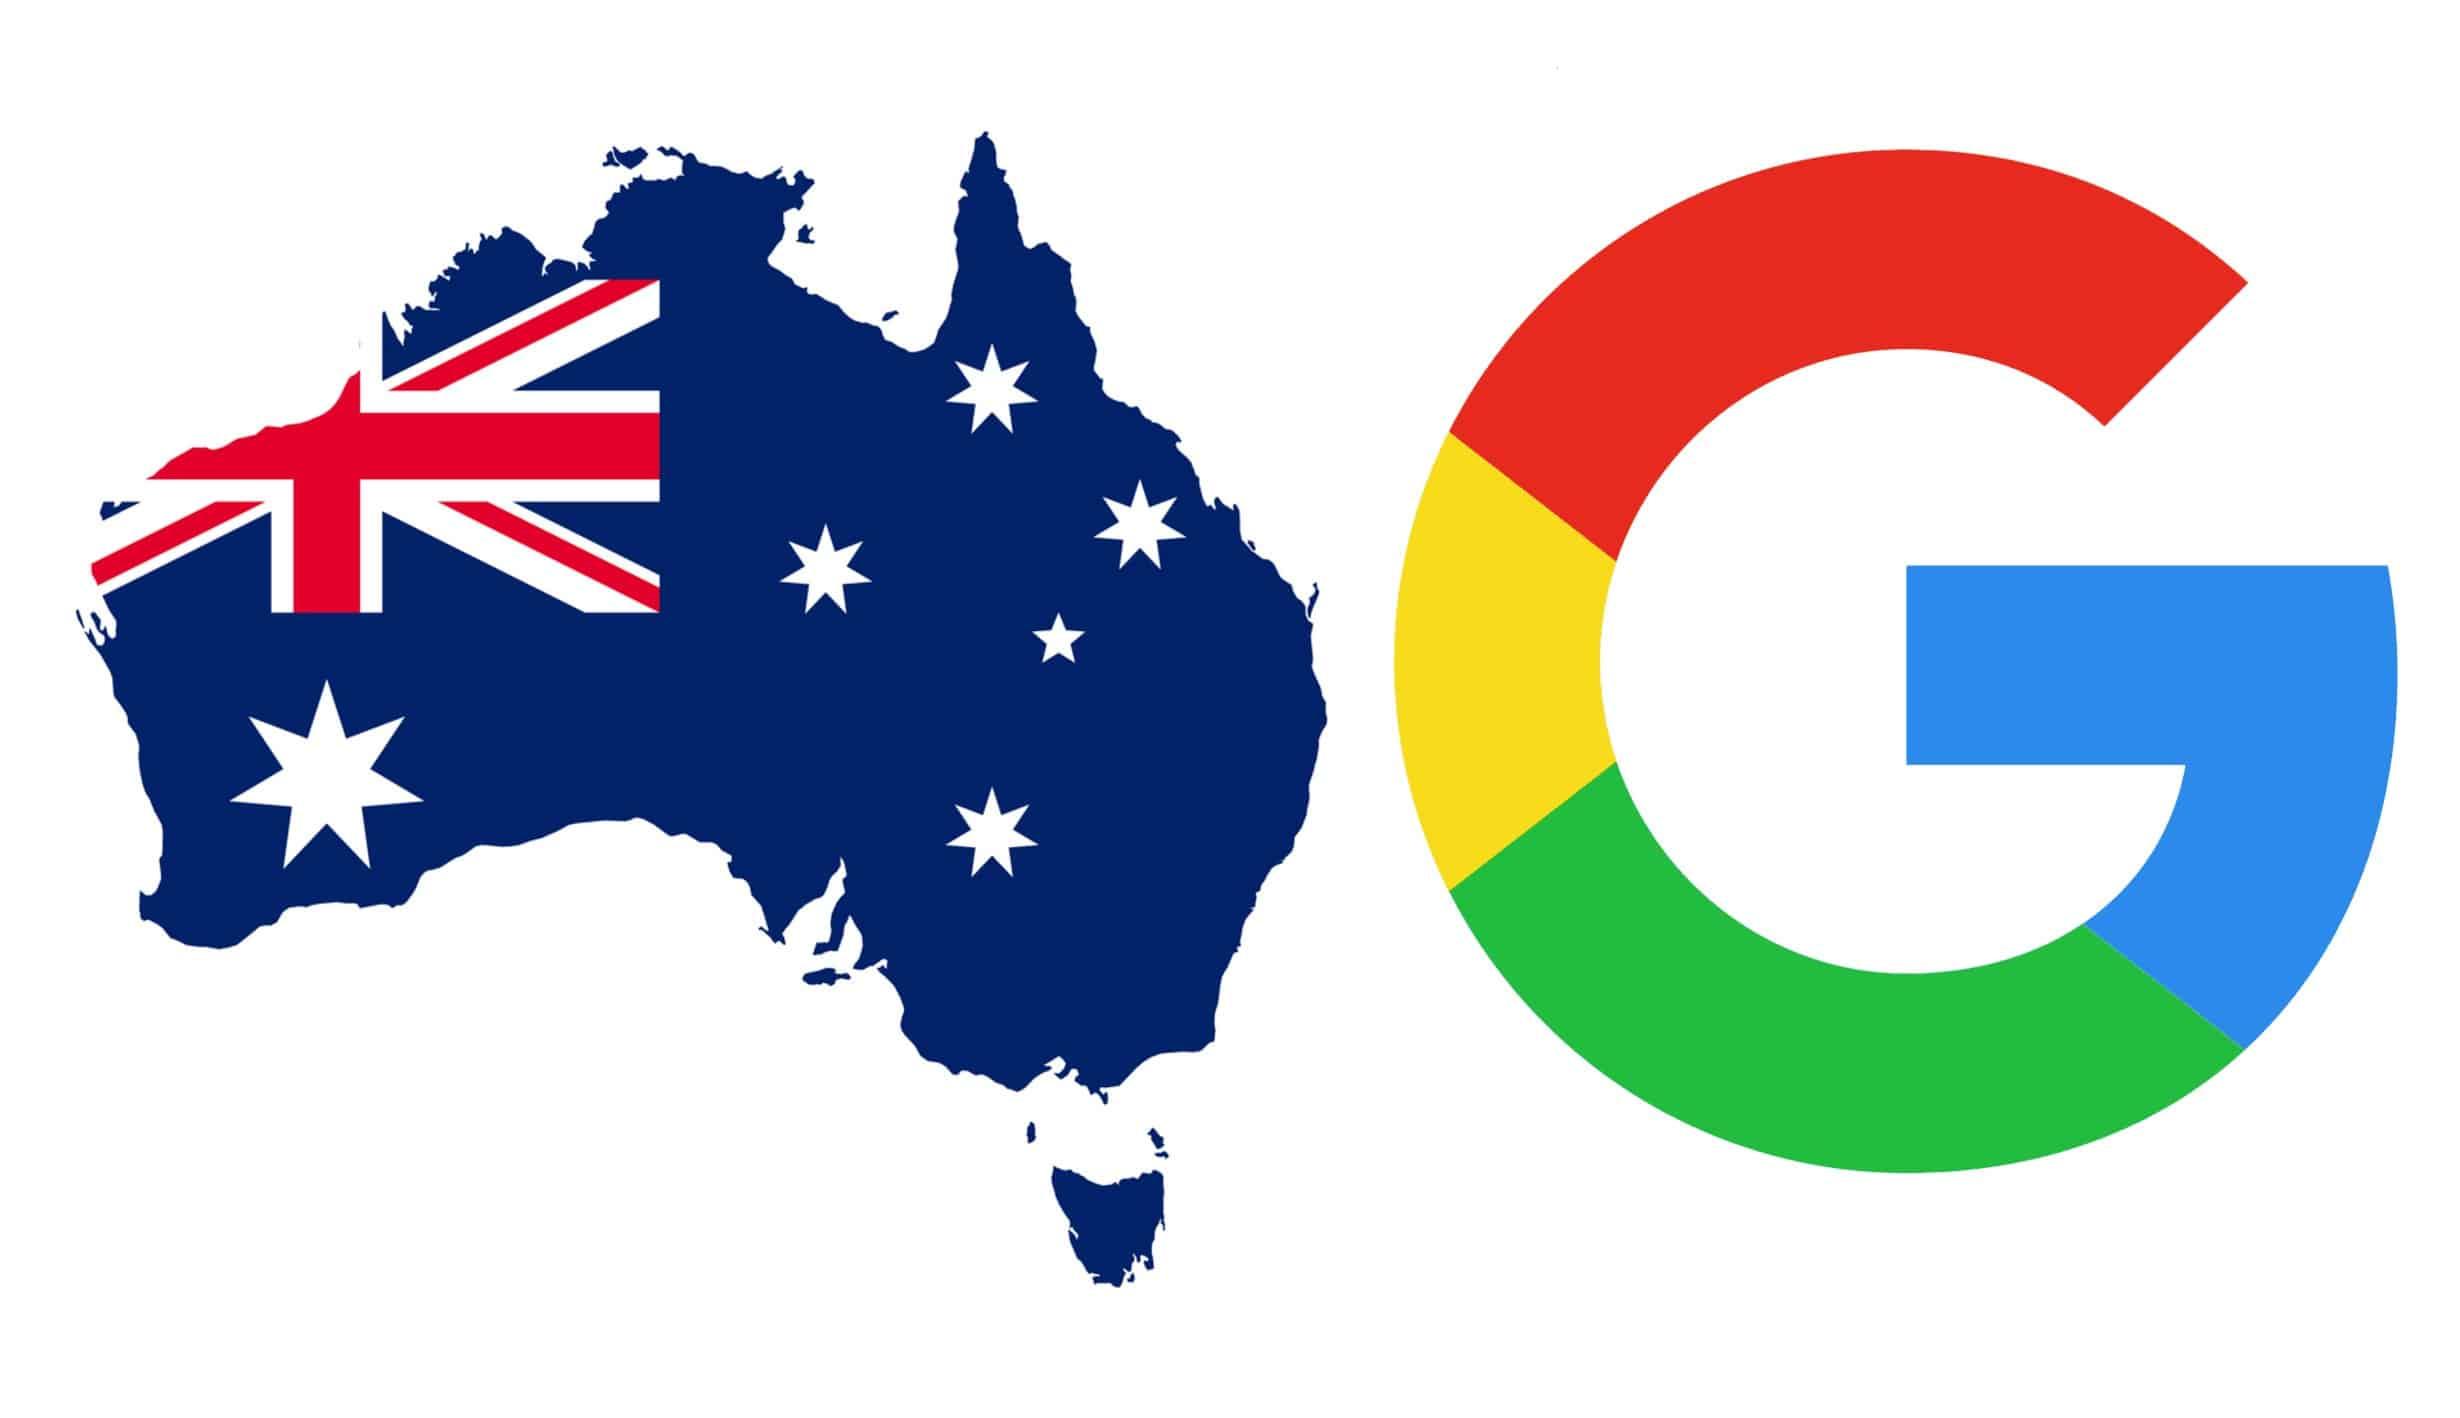 Quels sont les pays de l'Australie?